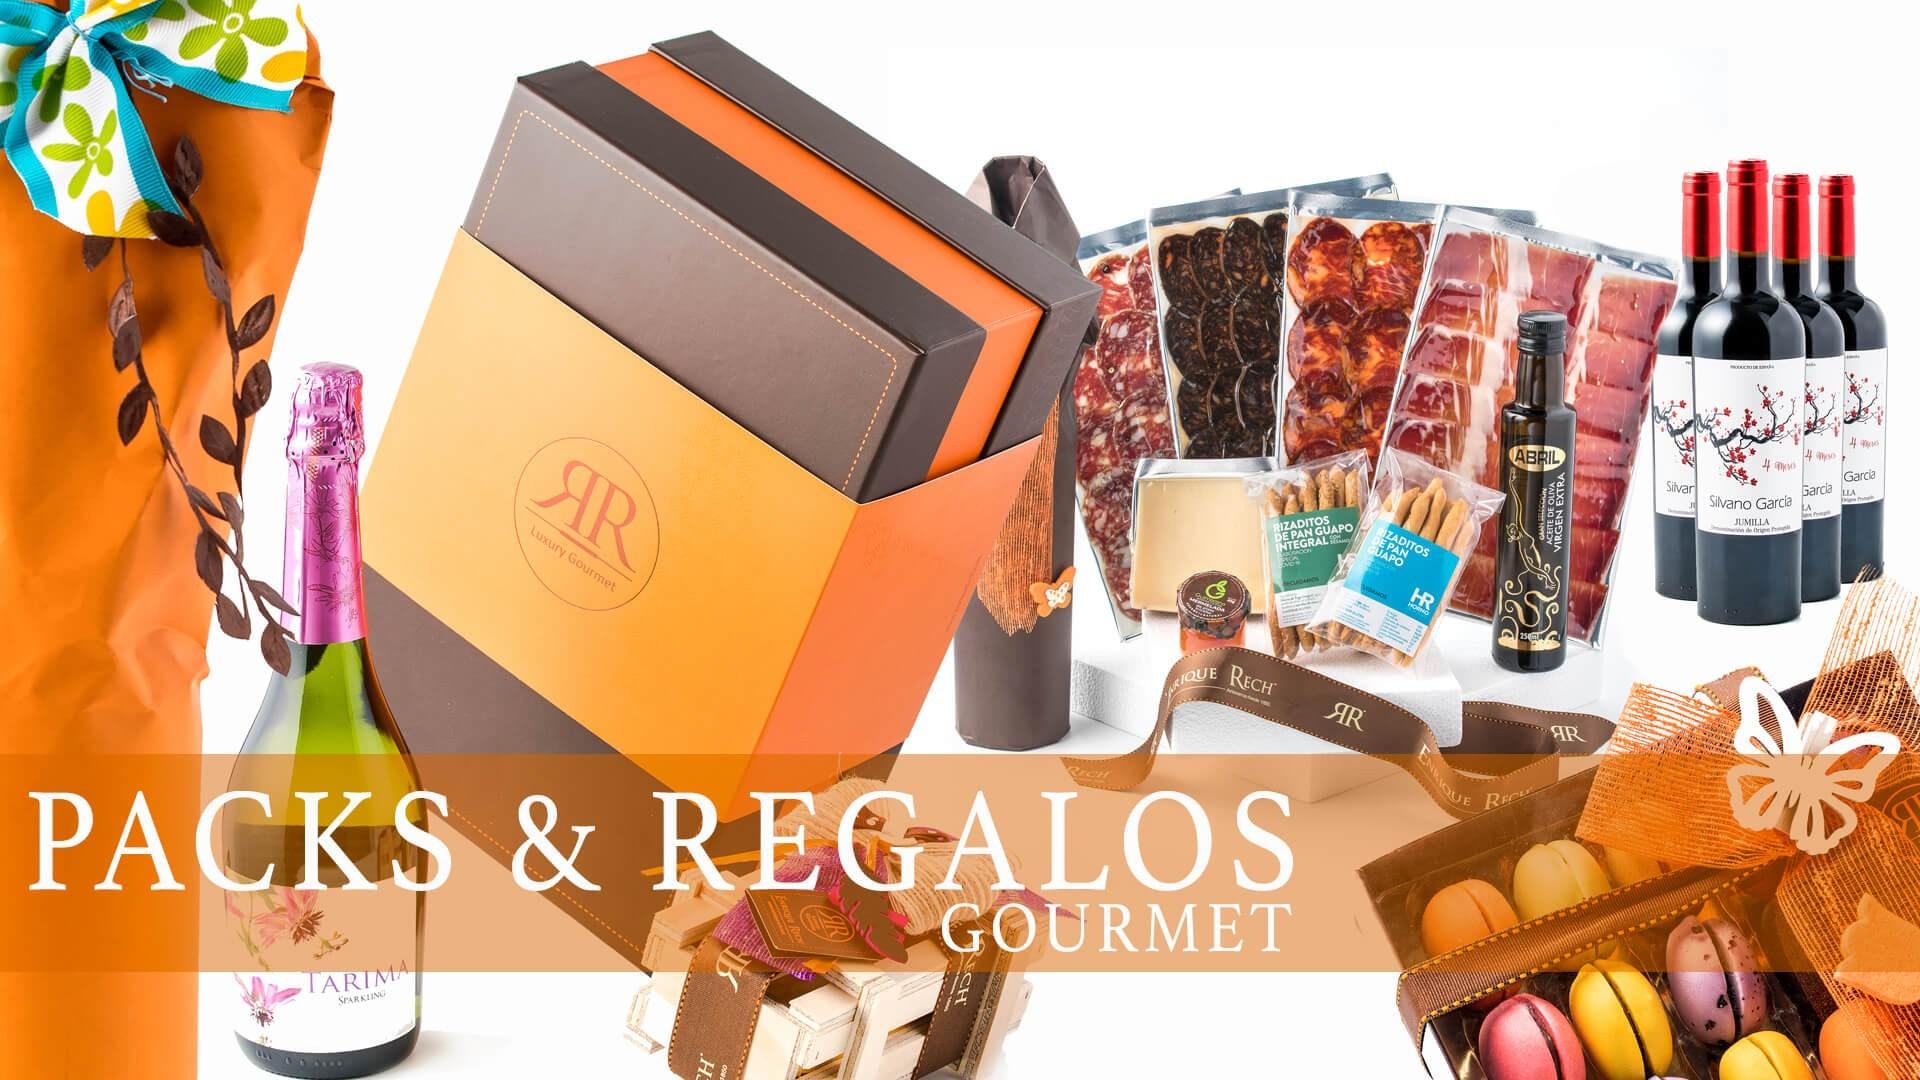 Cajas Gourmet y Regalos Gourmet: descubre nuestra selección